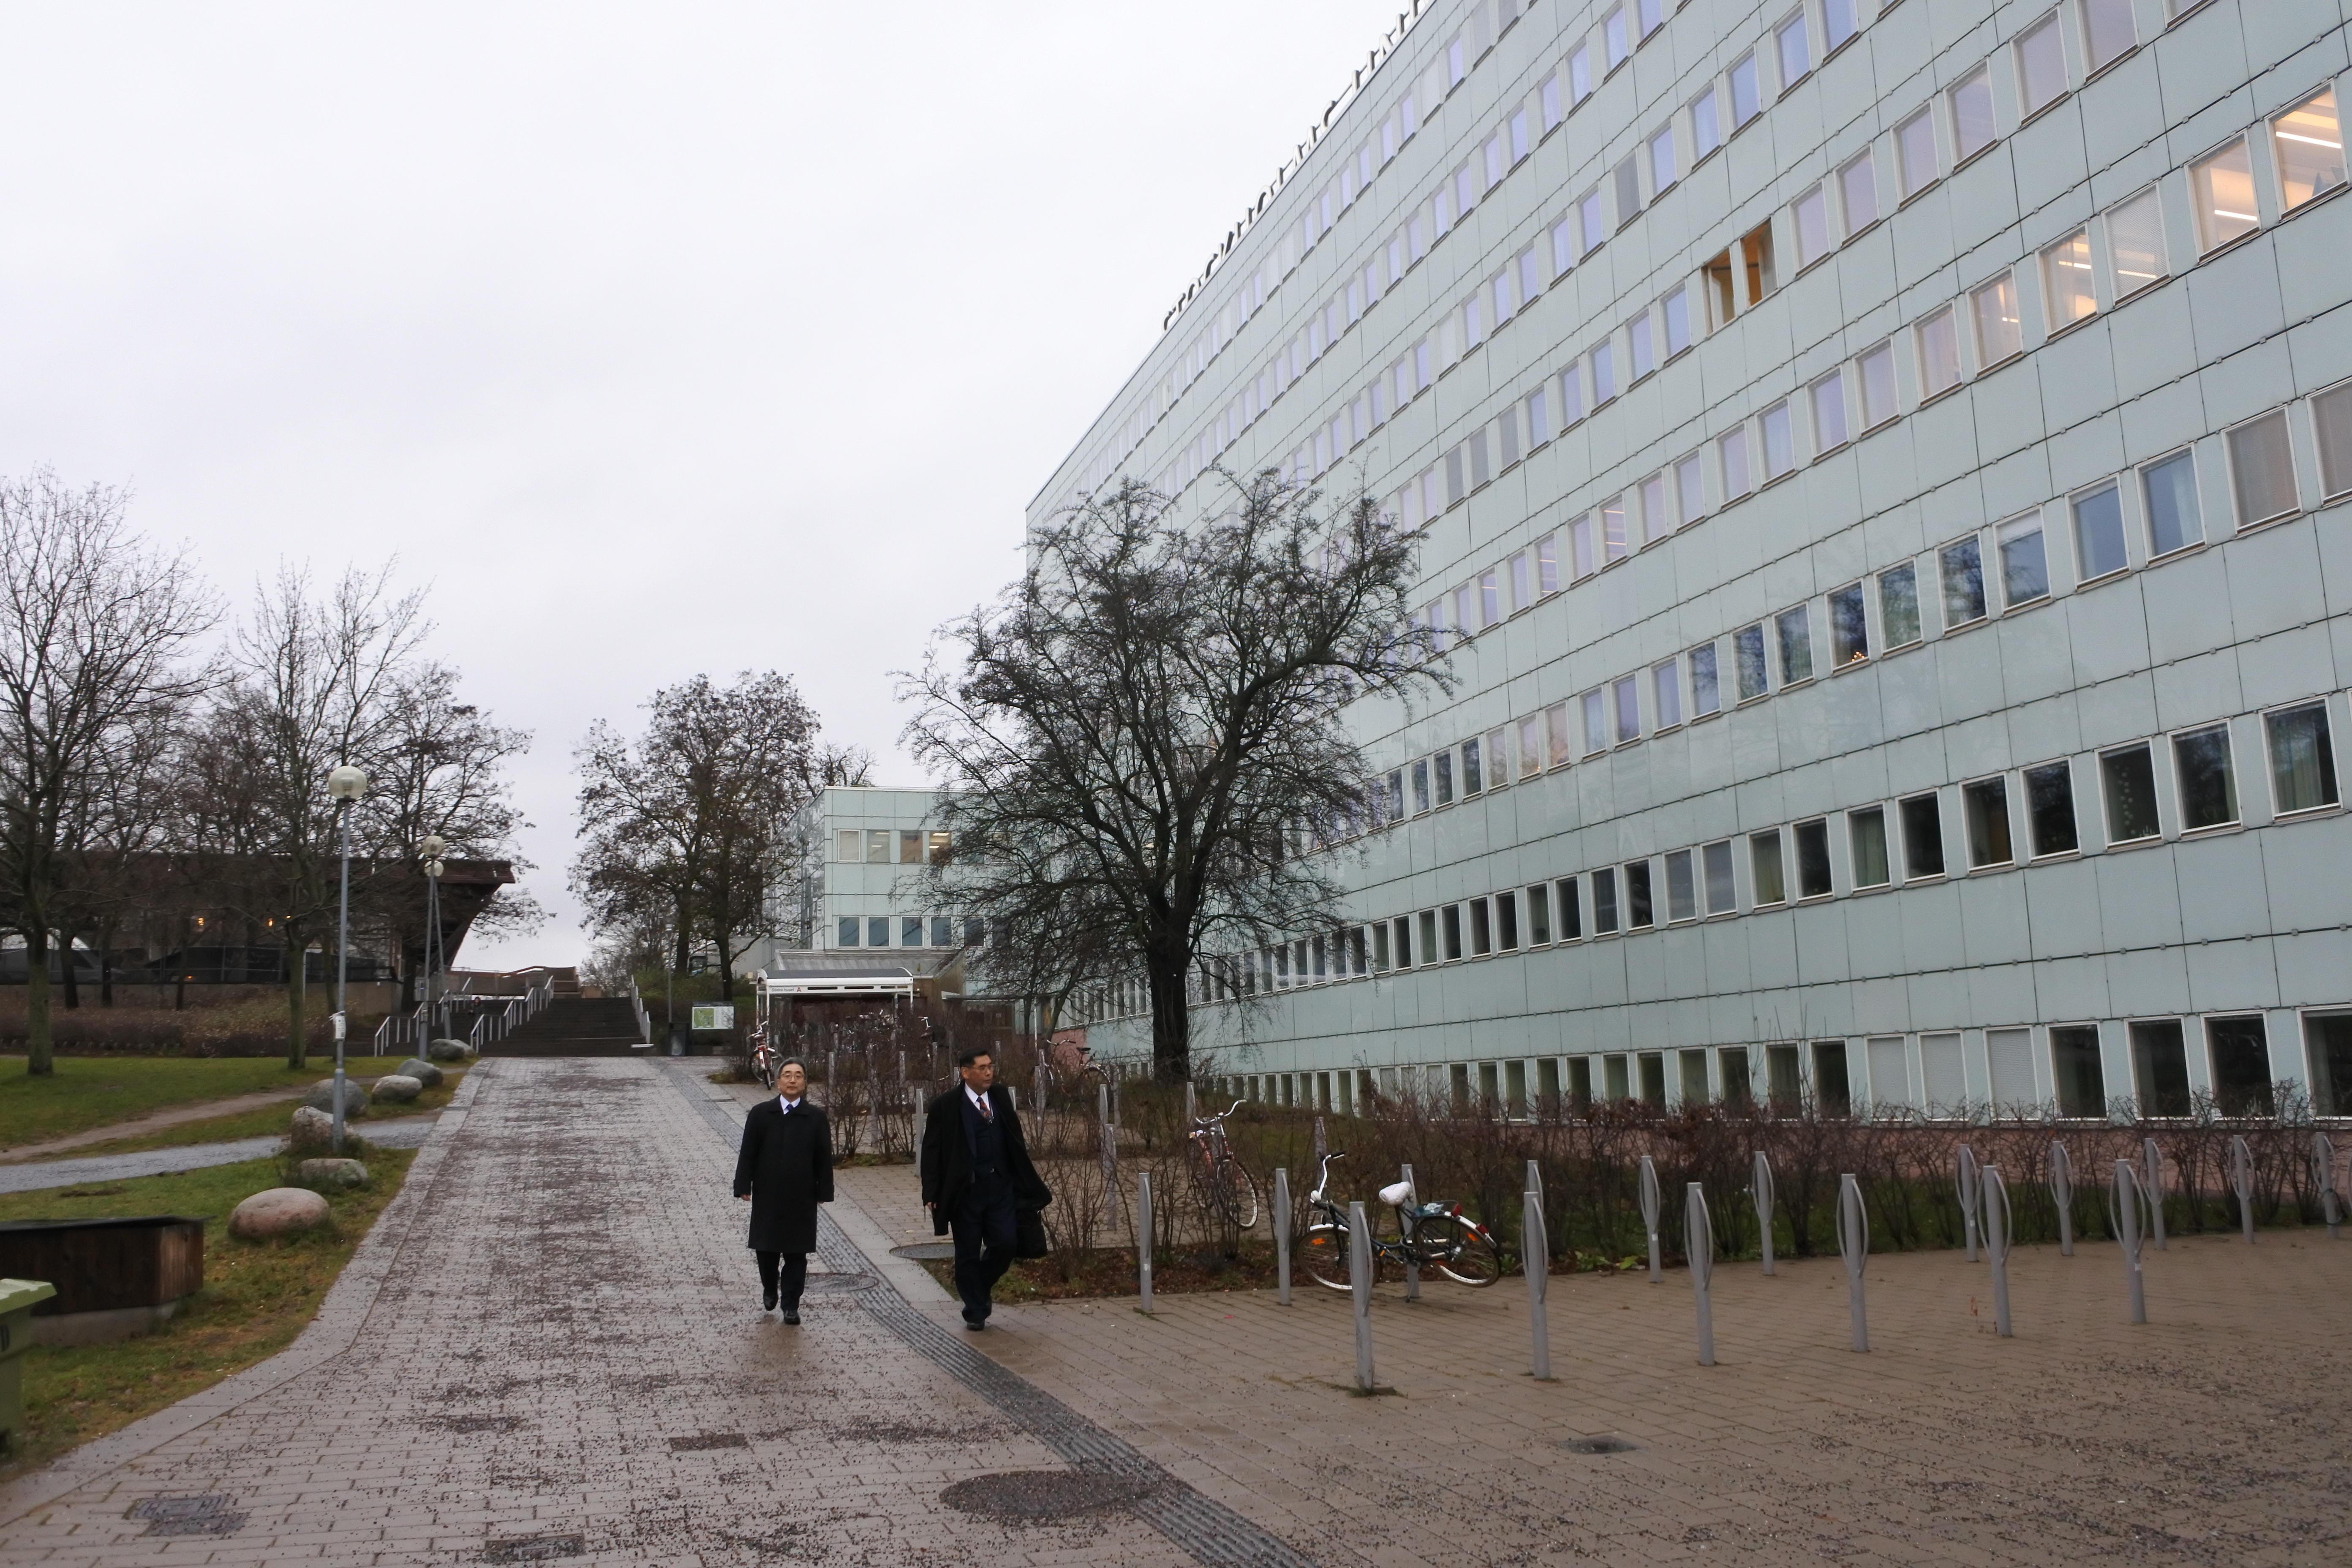 ストックホルム大学のキャンパス